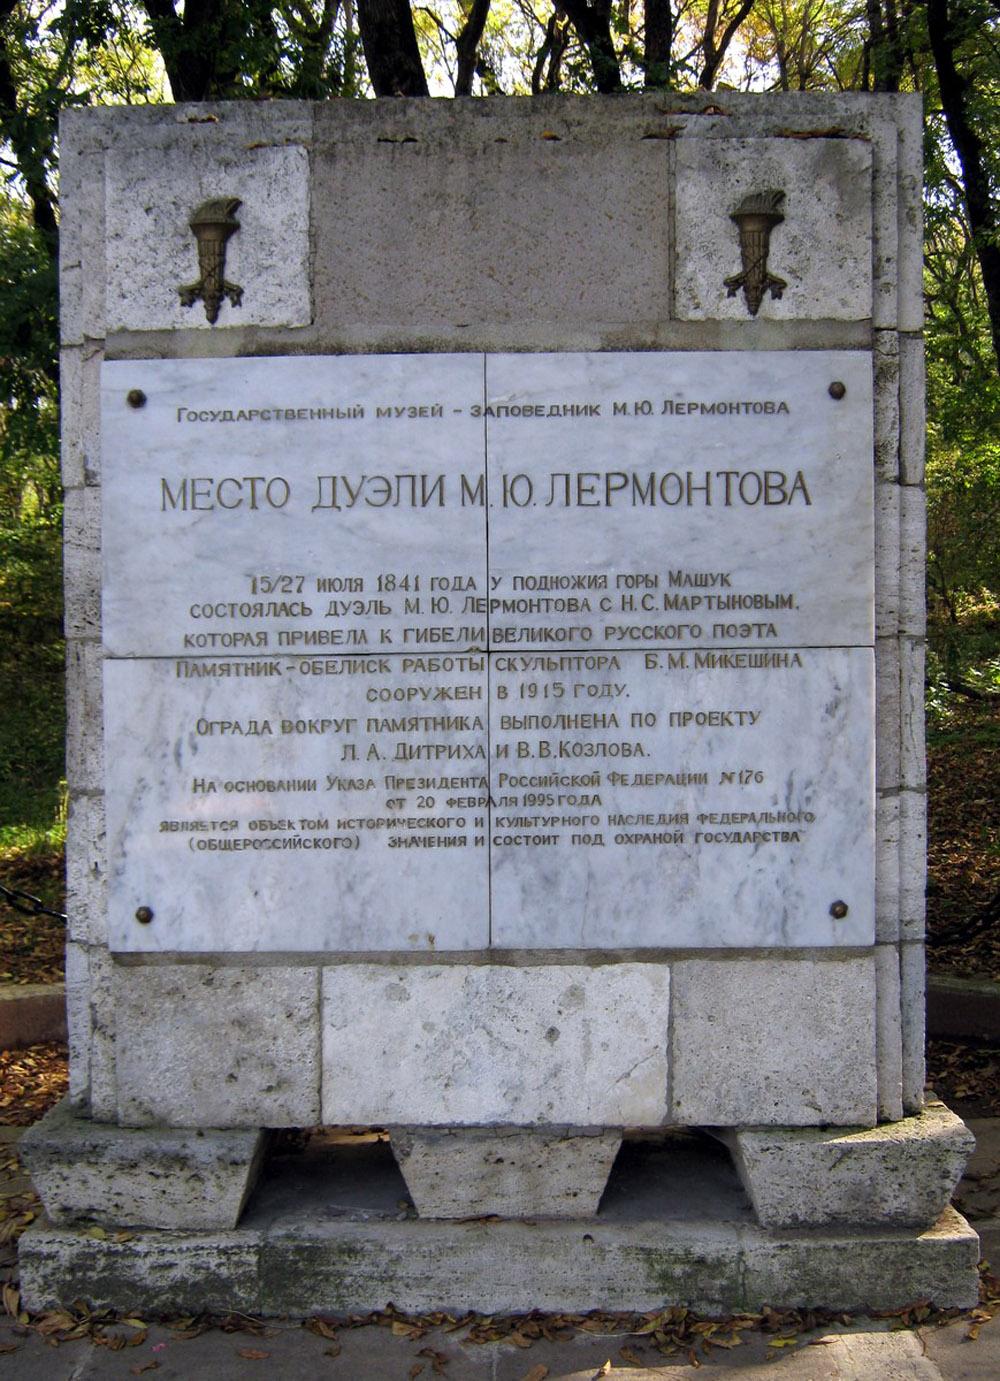 Памятная табличка на месте дуэли Лермонтова в Пятигорске